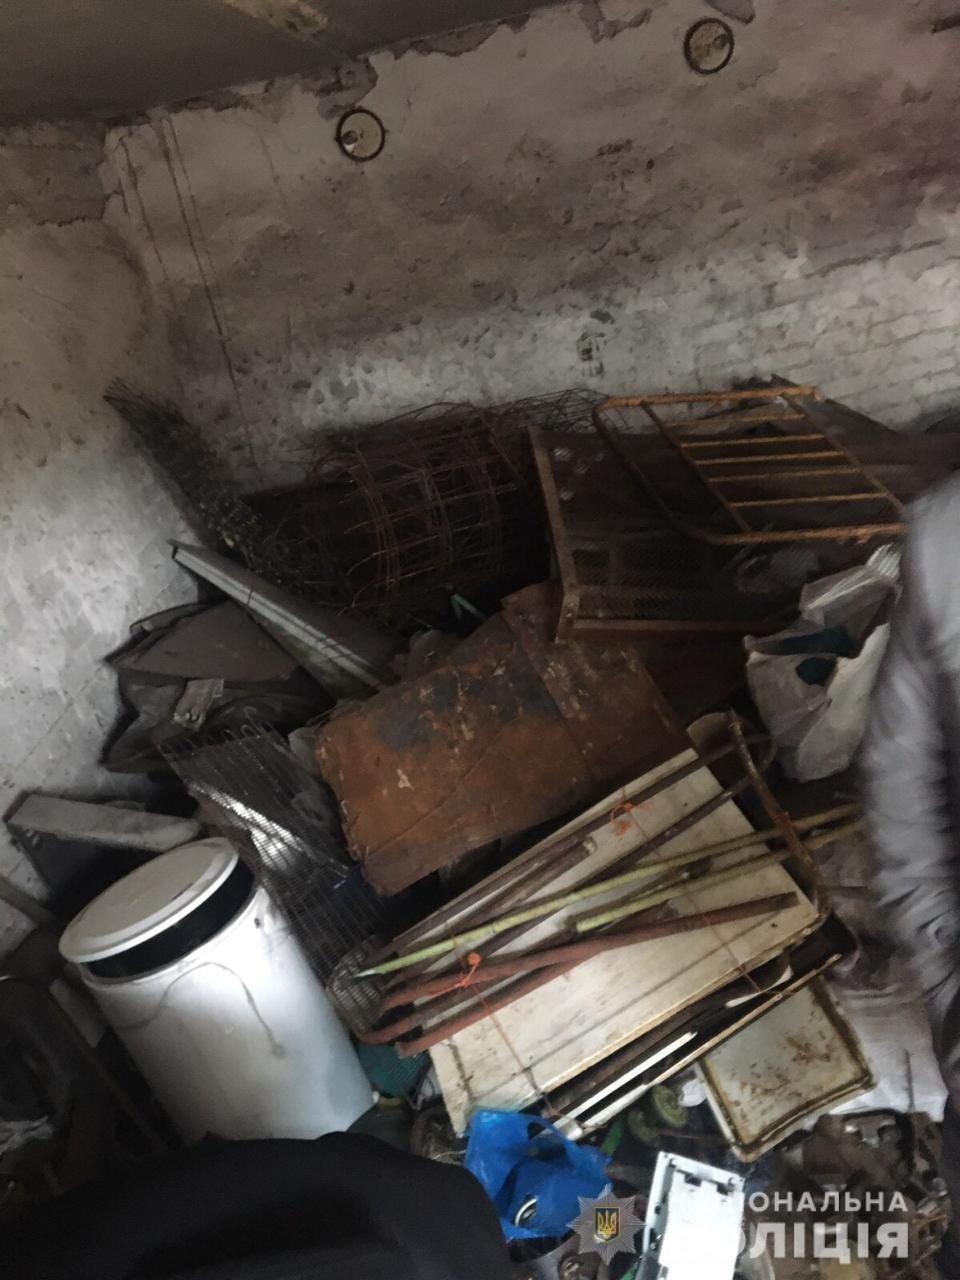 Из гаража криворожанина полиция вывезла 1,6 тонны металлолома,  -ФОТО, фото-3